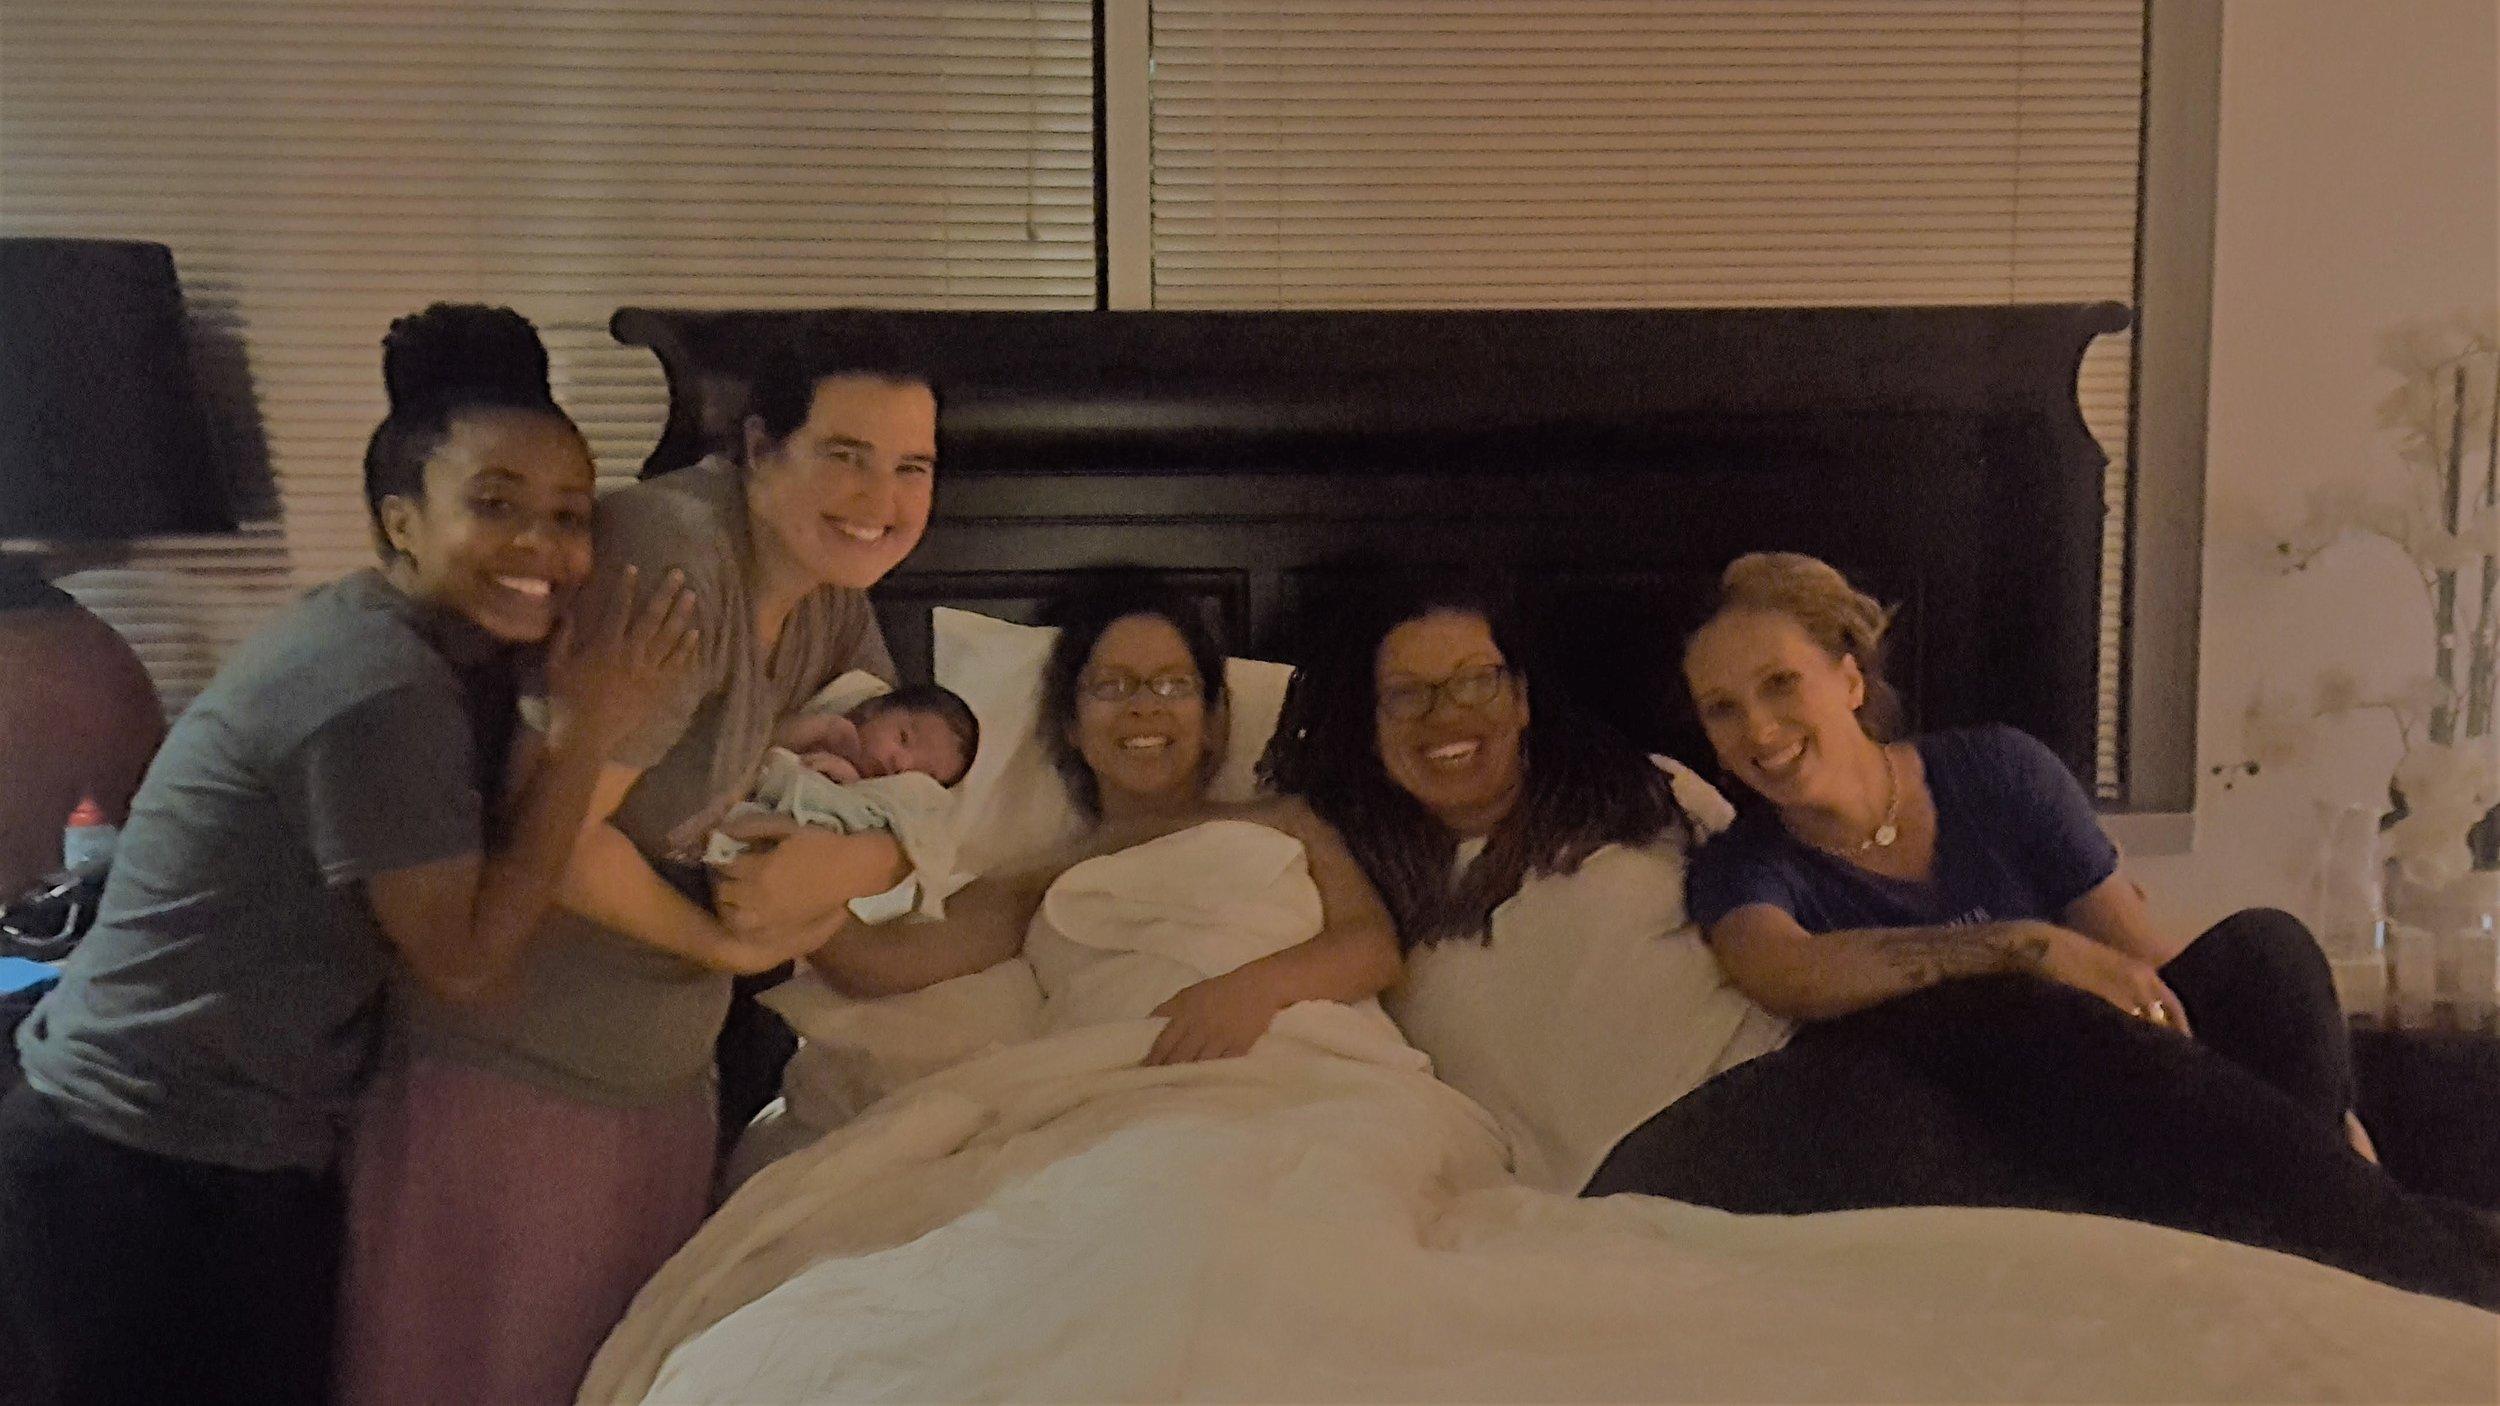 Beautiful birth center waterbirth at 42 weeks at Premier